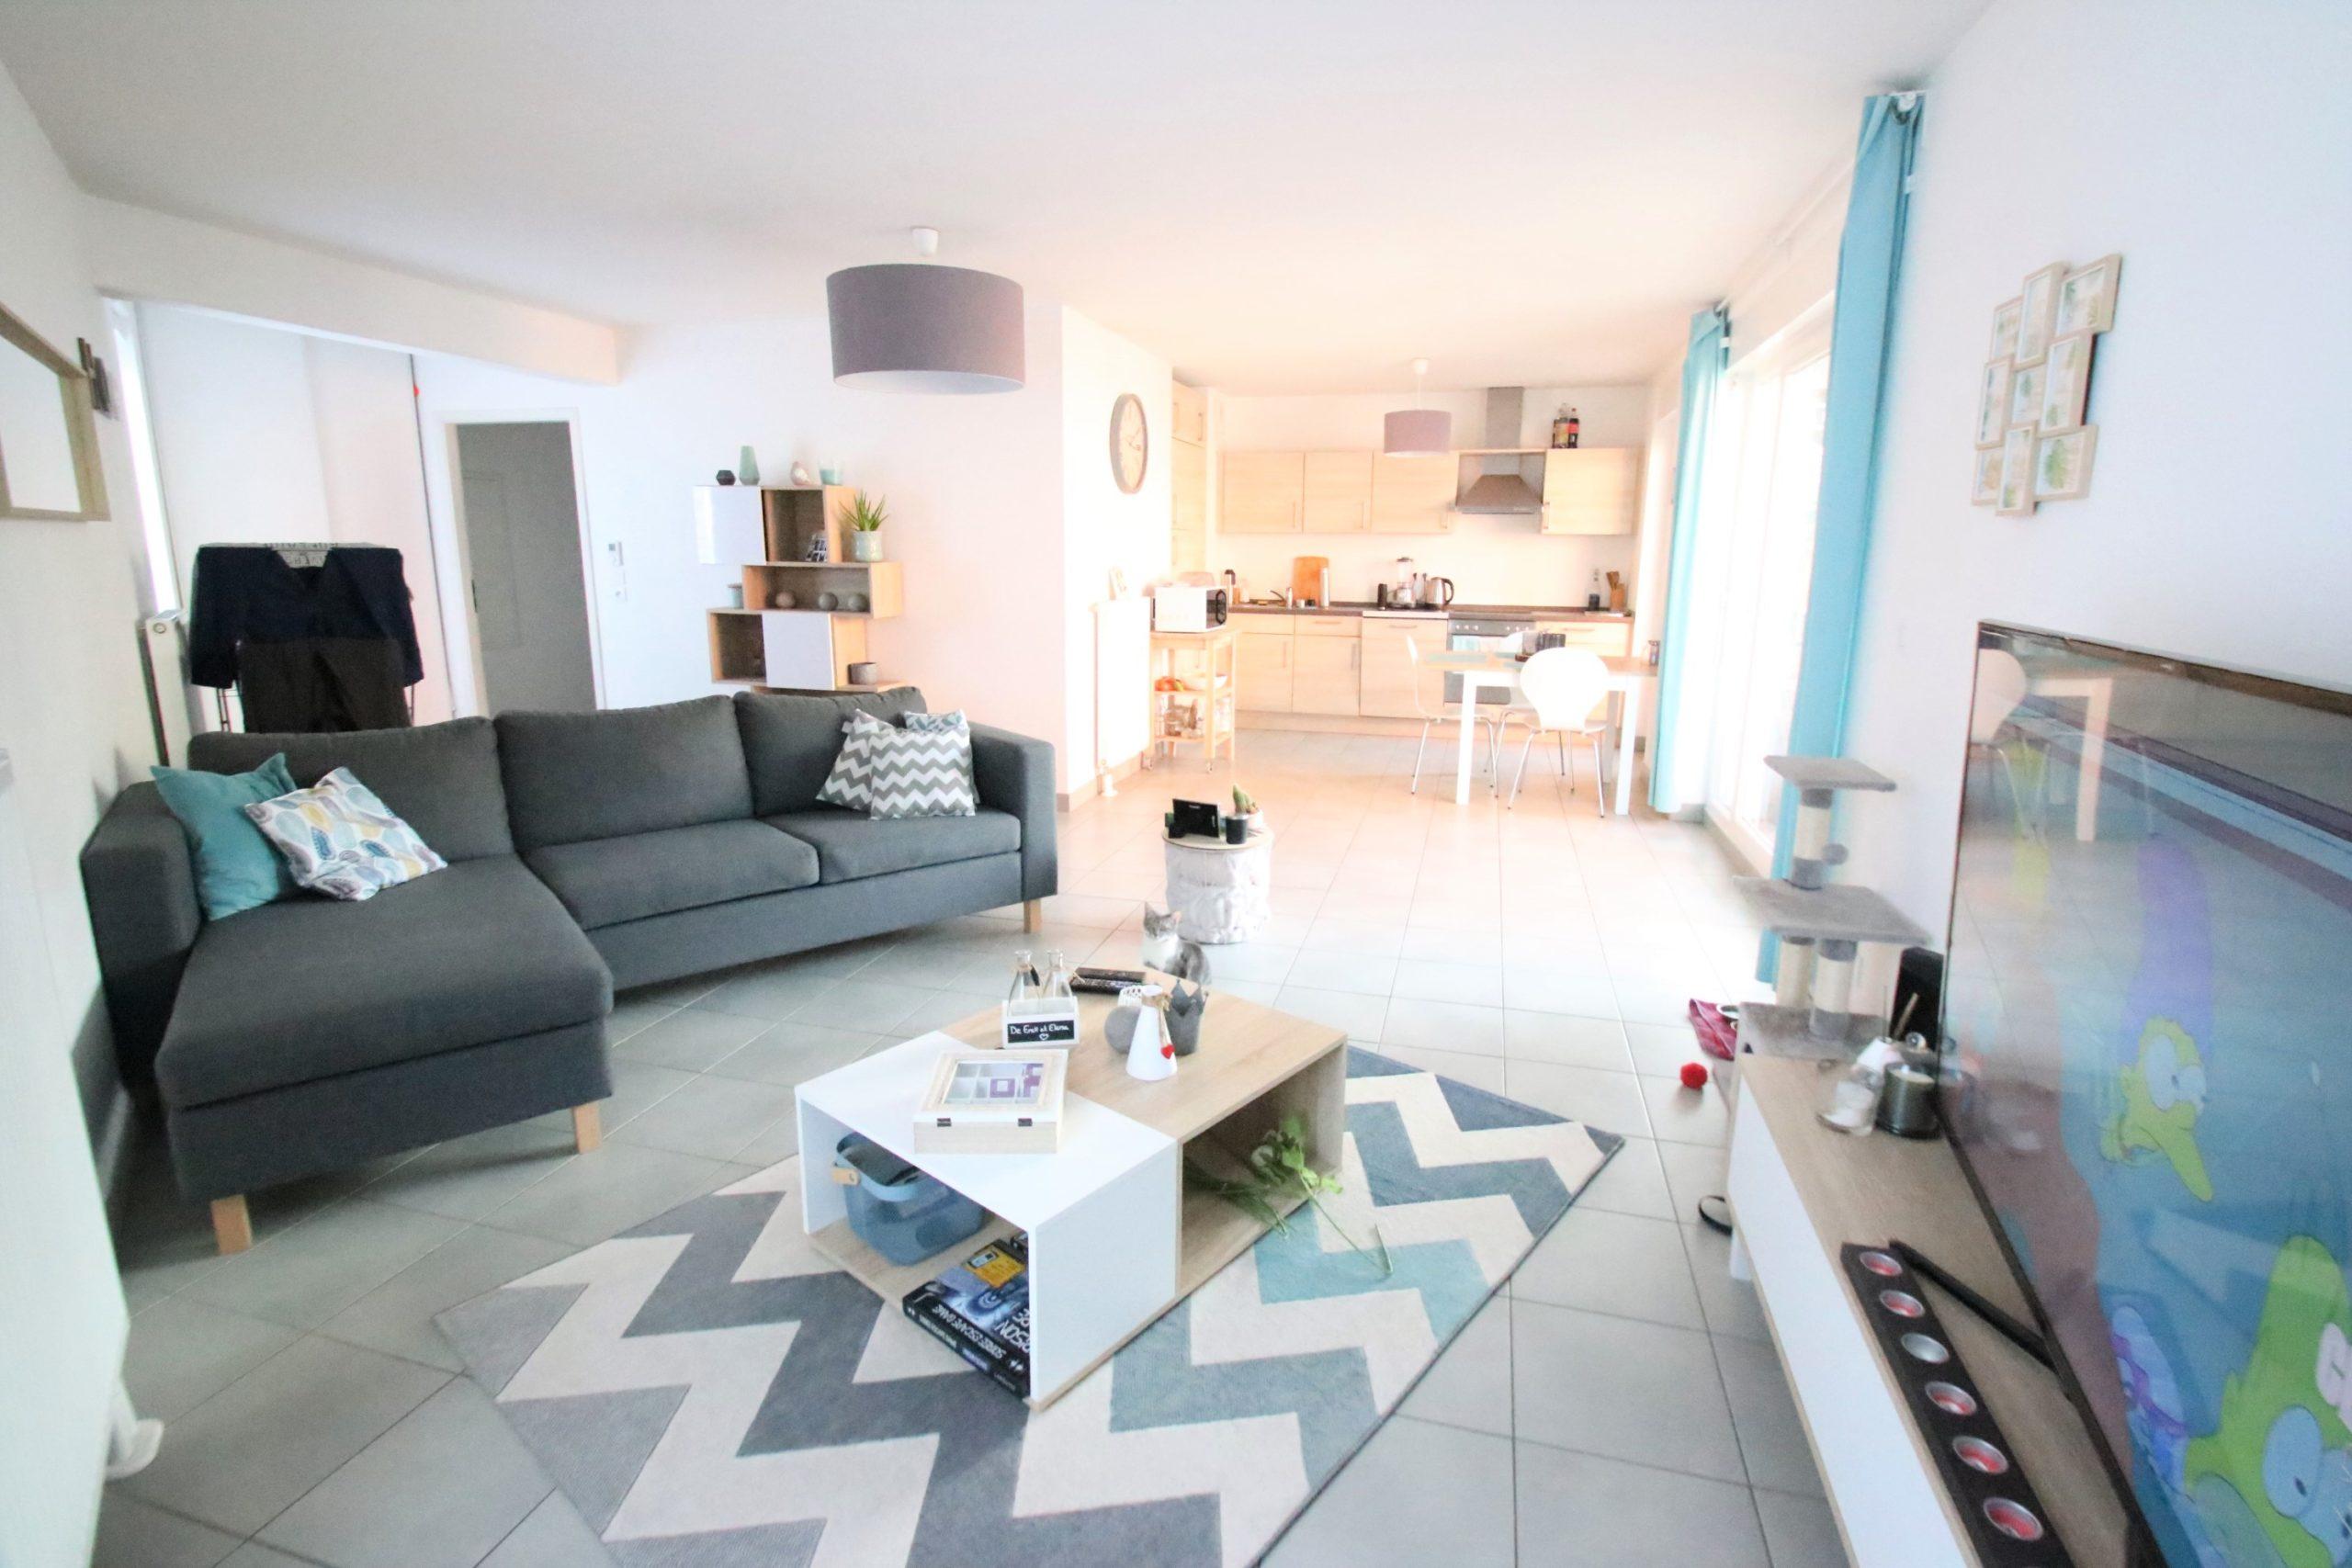 Strasbourg-Stockfeld, appartement 2/3 pièces, 65 m2, terrasse 20 m2, garage.